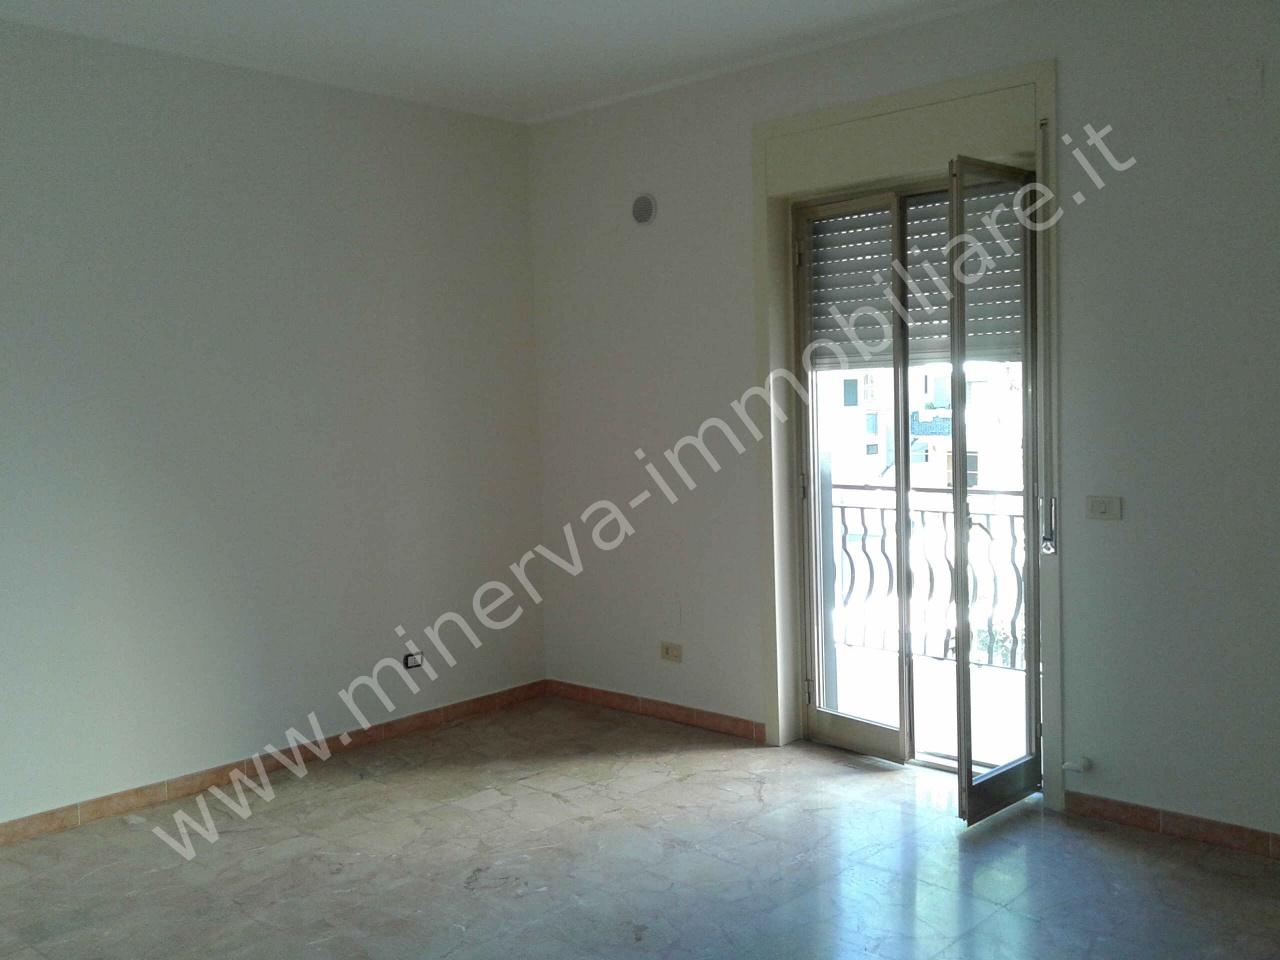 Appartamento 5 locali in affitto a Lentini (SR)